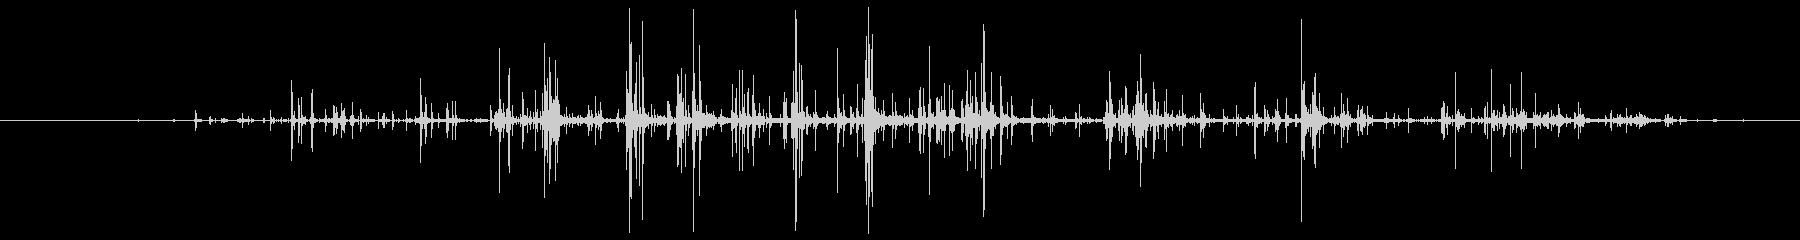 ダクトテープのロール:ショートピー...の未再生の波形